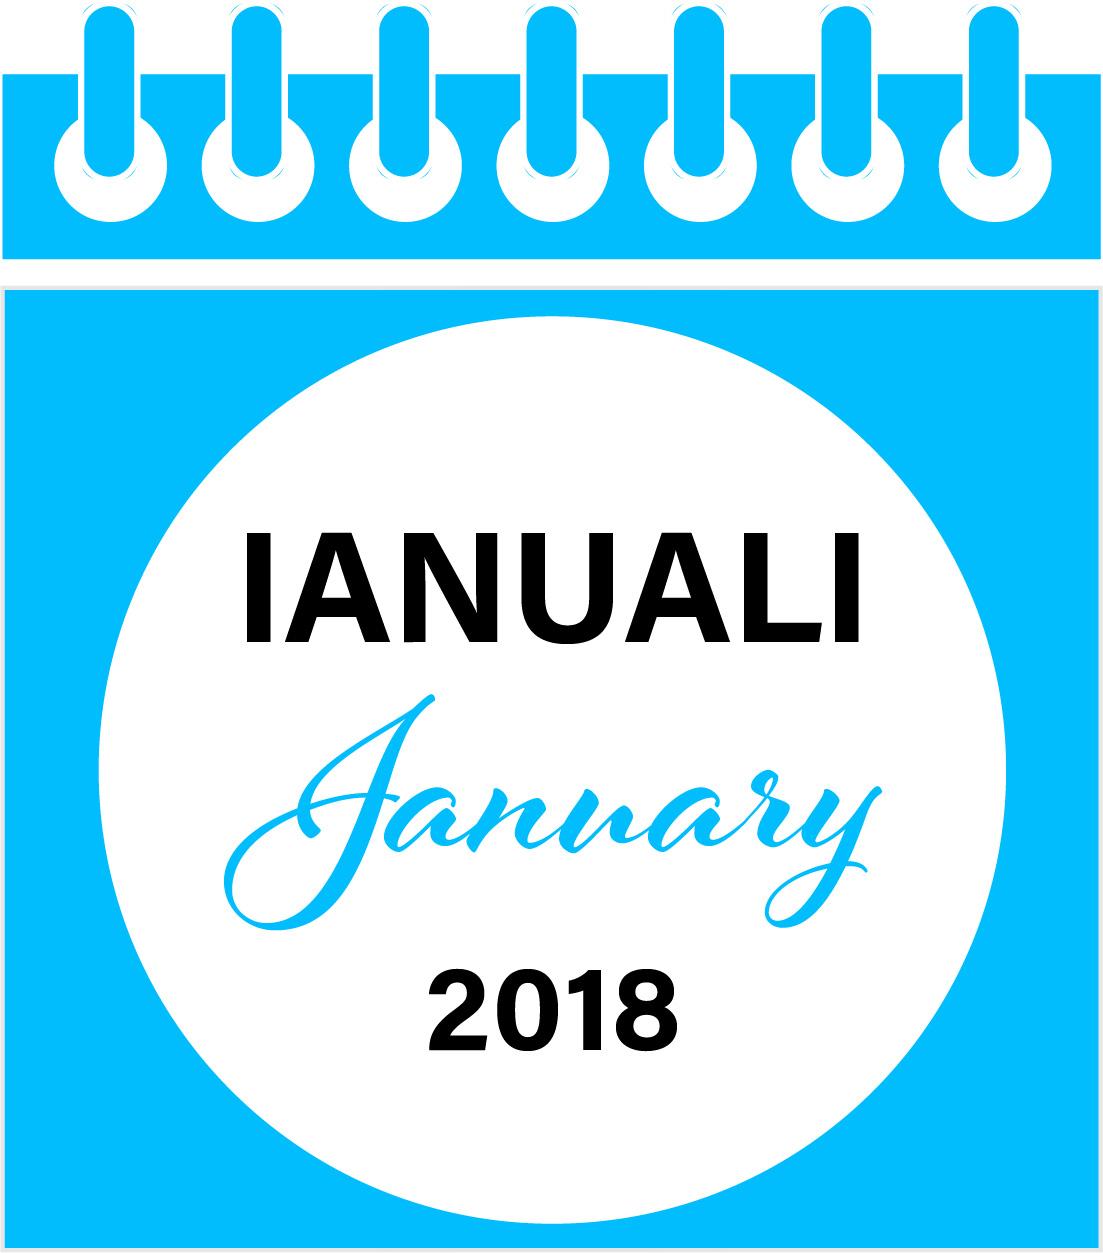 NewsletterMonths_2018-01.jpg